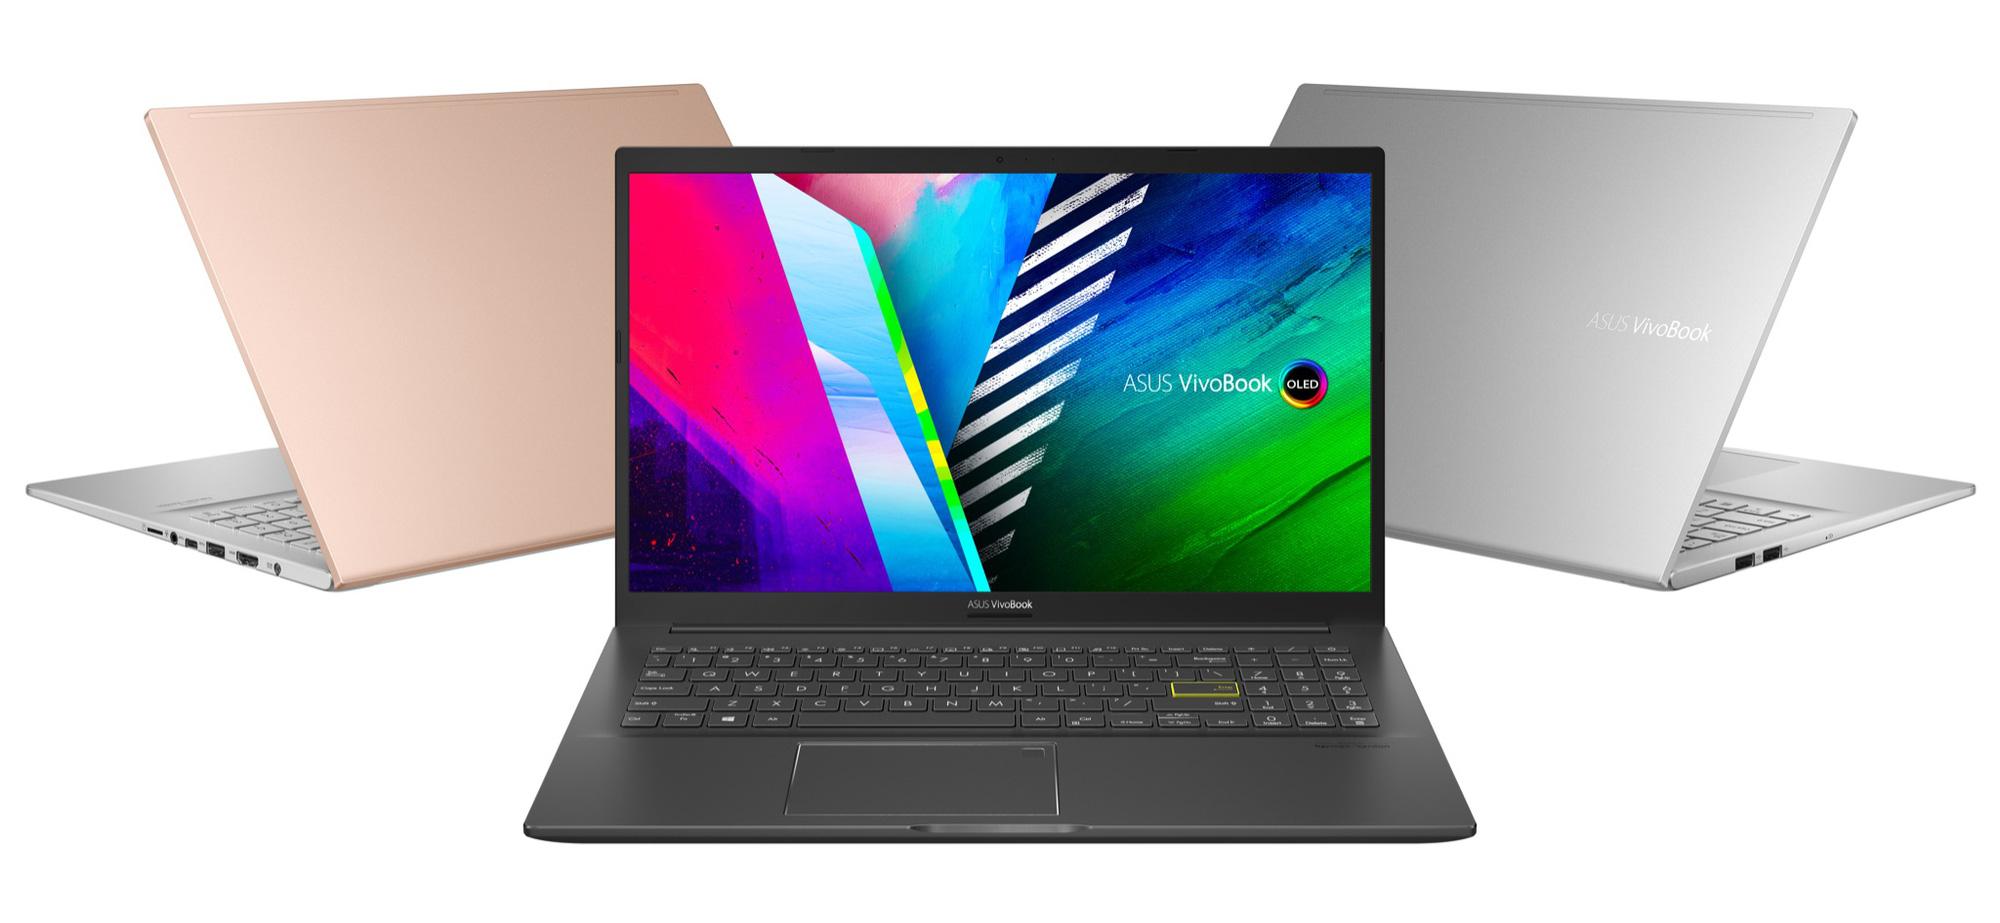 ASUS VivoBook 15 OLED - Mẫu laptop hot hit mới cho Gen Z mùa tựu trường 2021 - Ảnh 5.